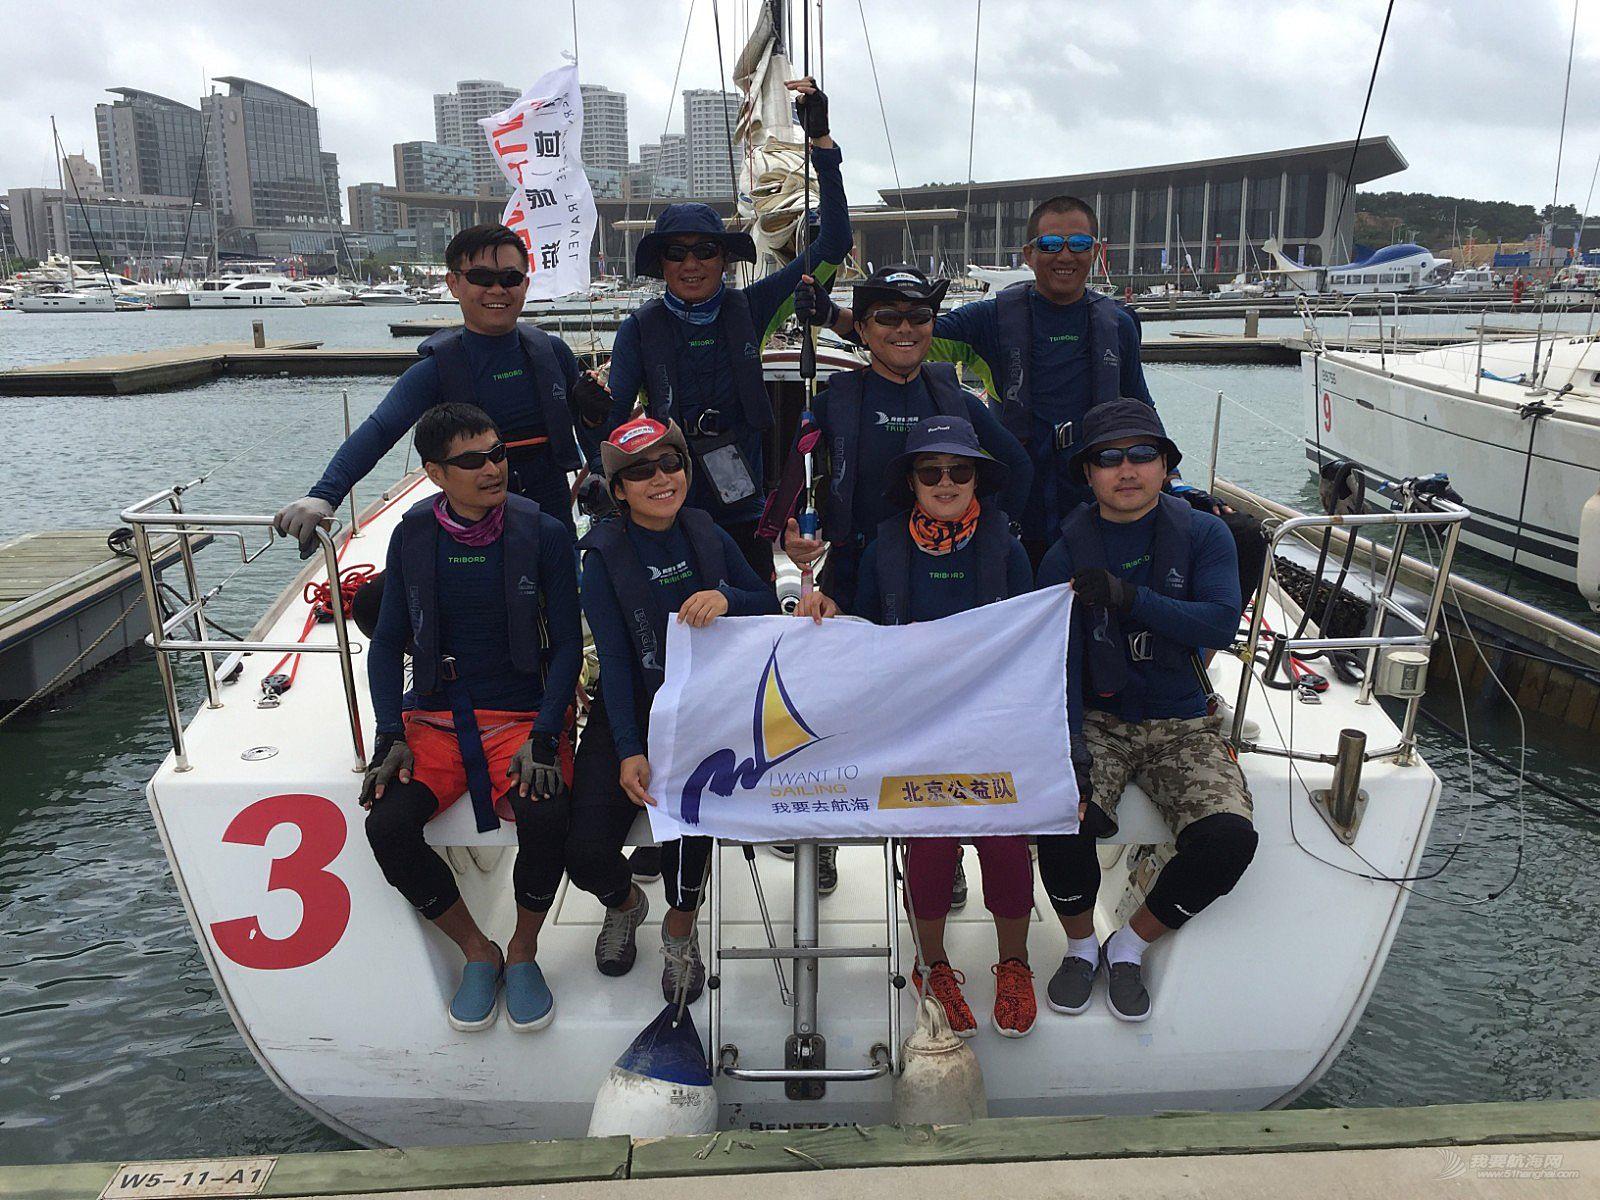 青岛市长杯,帆船赛事,我要航海网 2018青岛市长杯帆船赛事体验分享